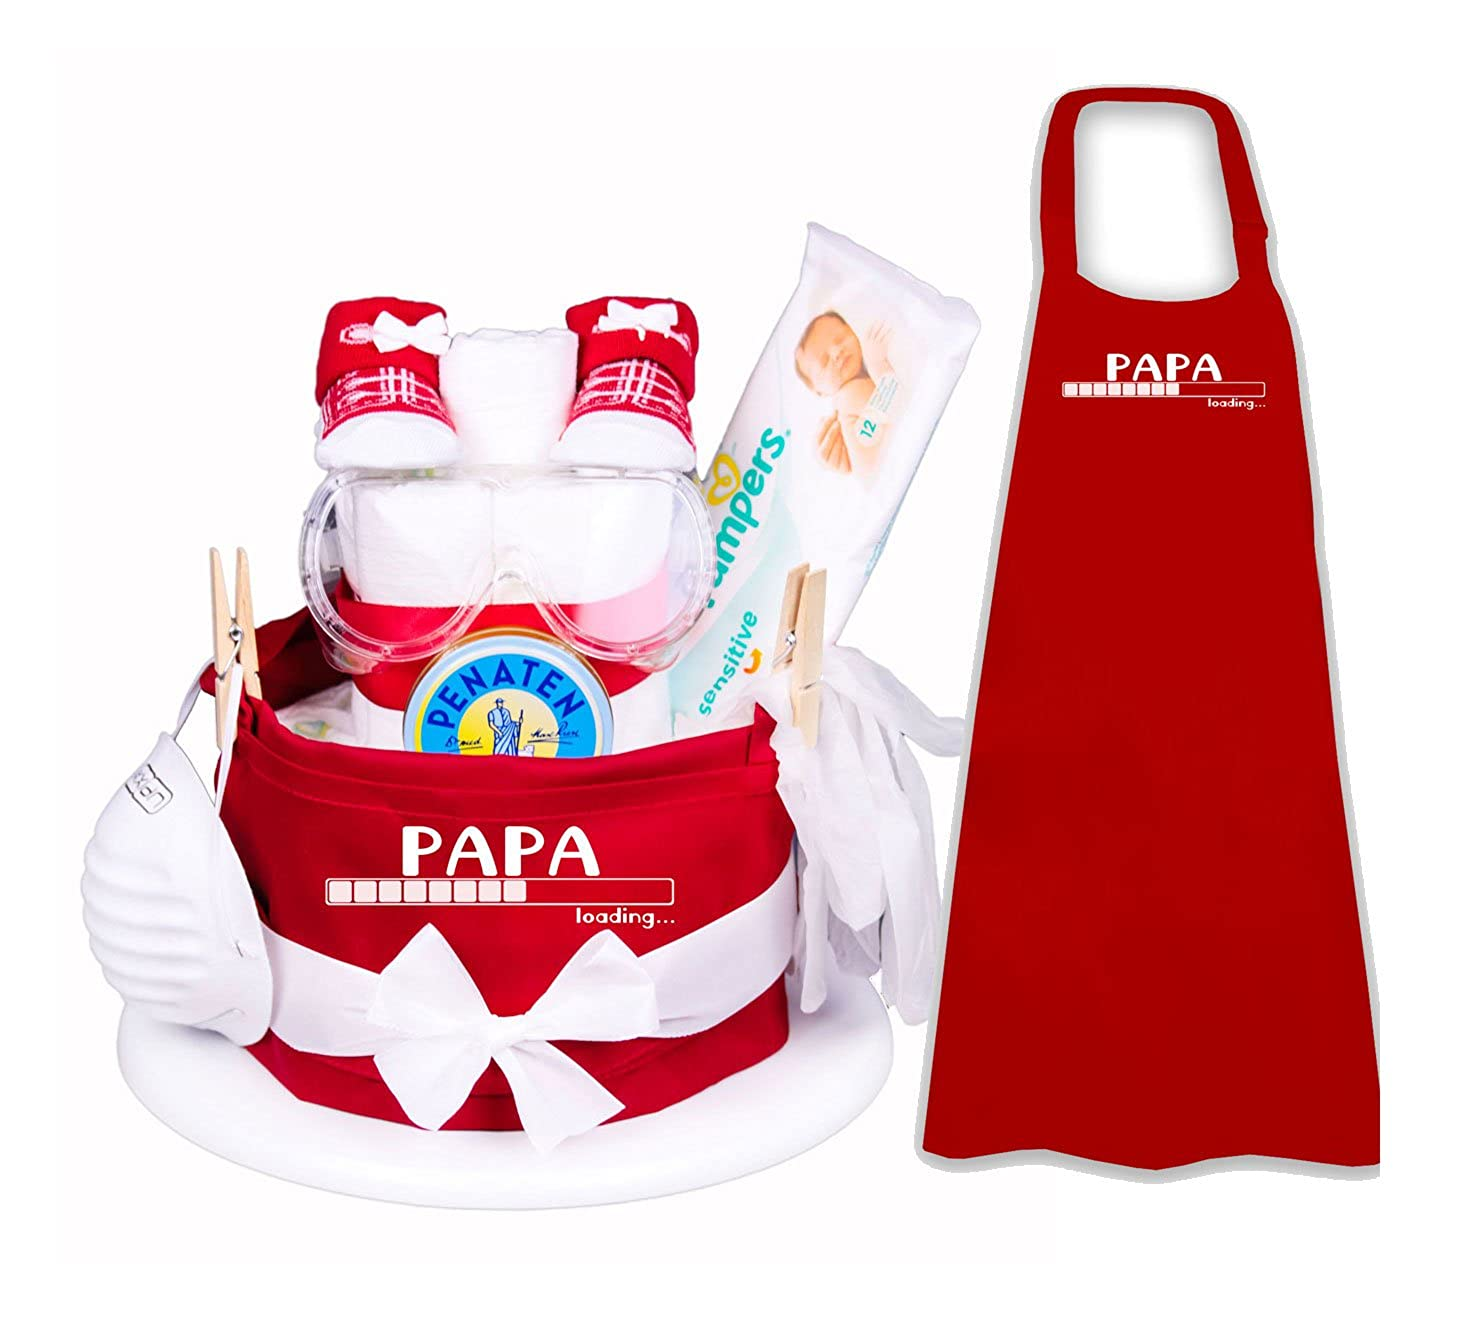 das Geschenk f/ür den werdenden//frischgebackenen Papa Trend Mama Windeltorte Papa Loading